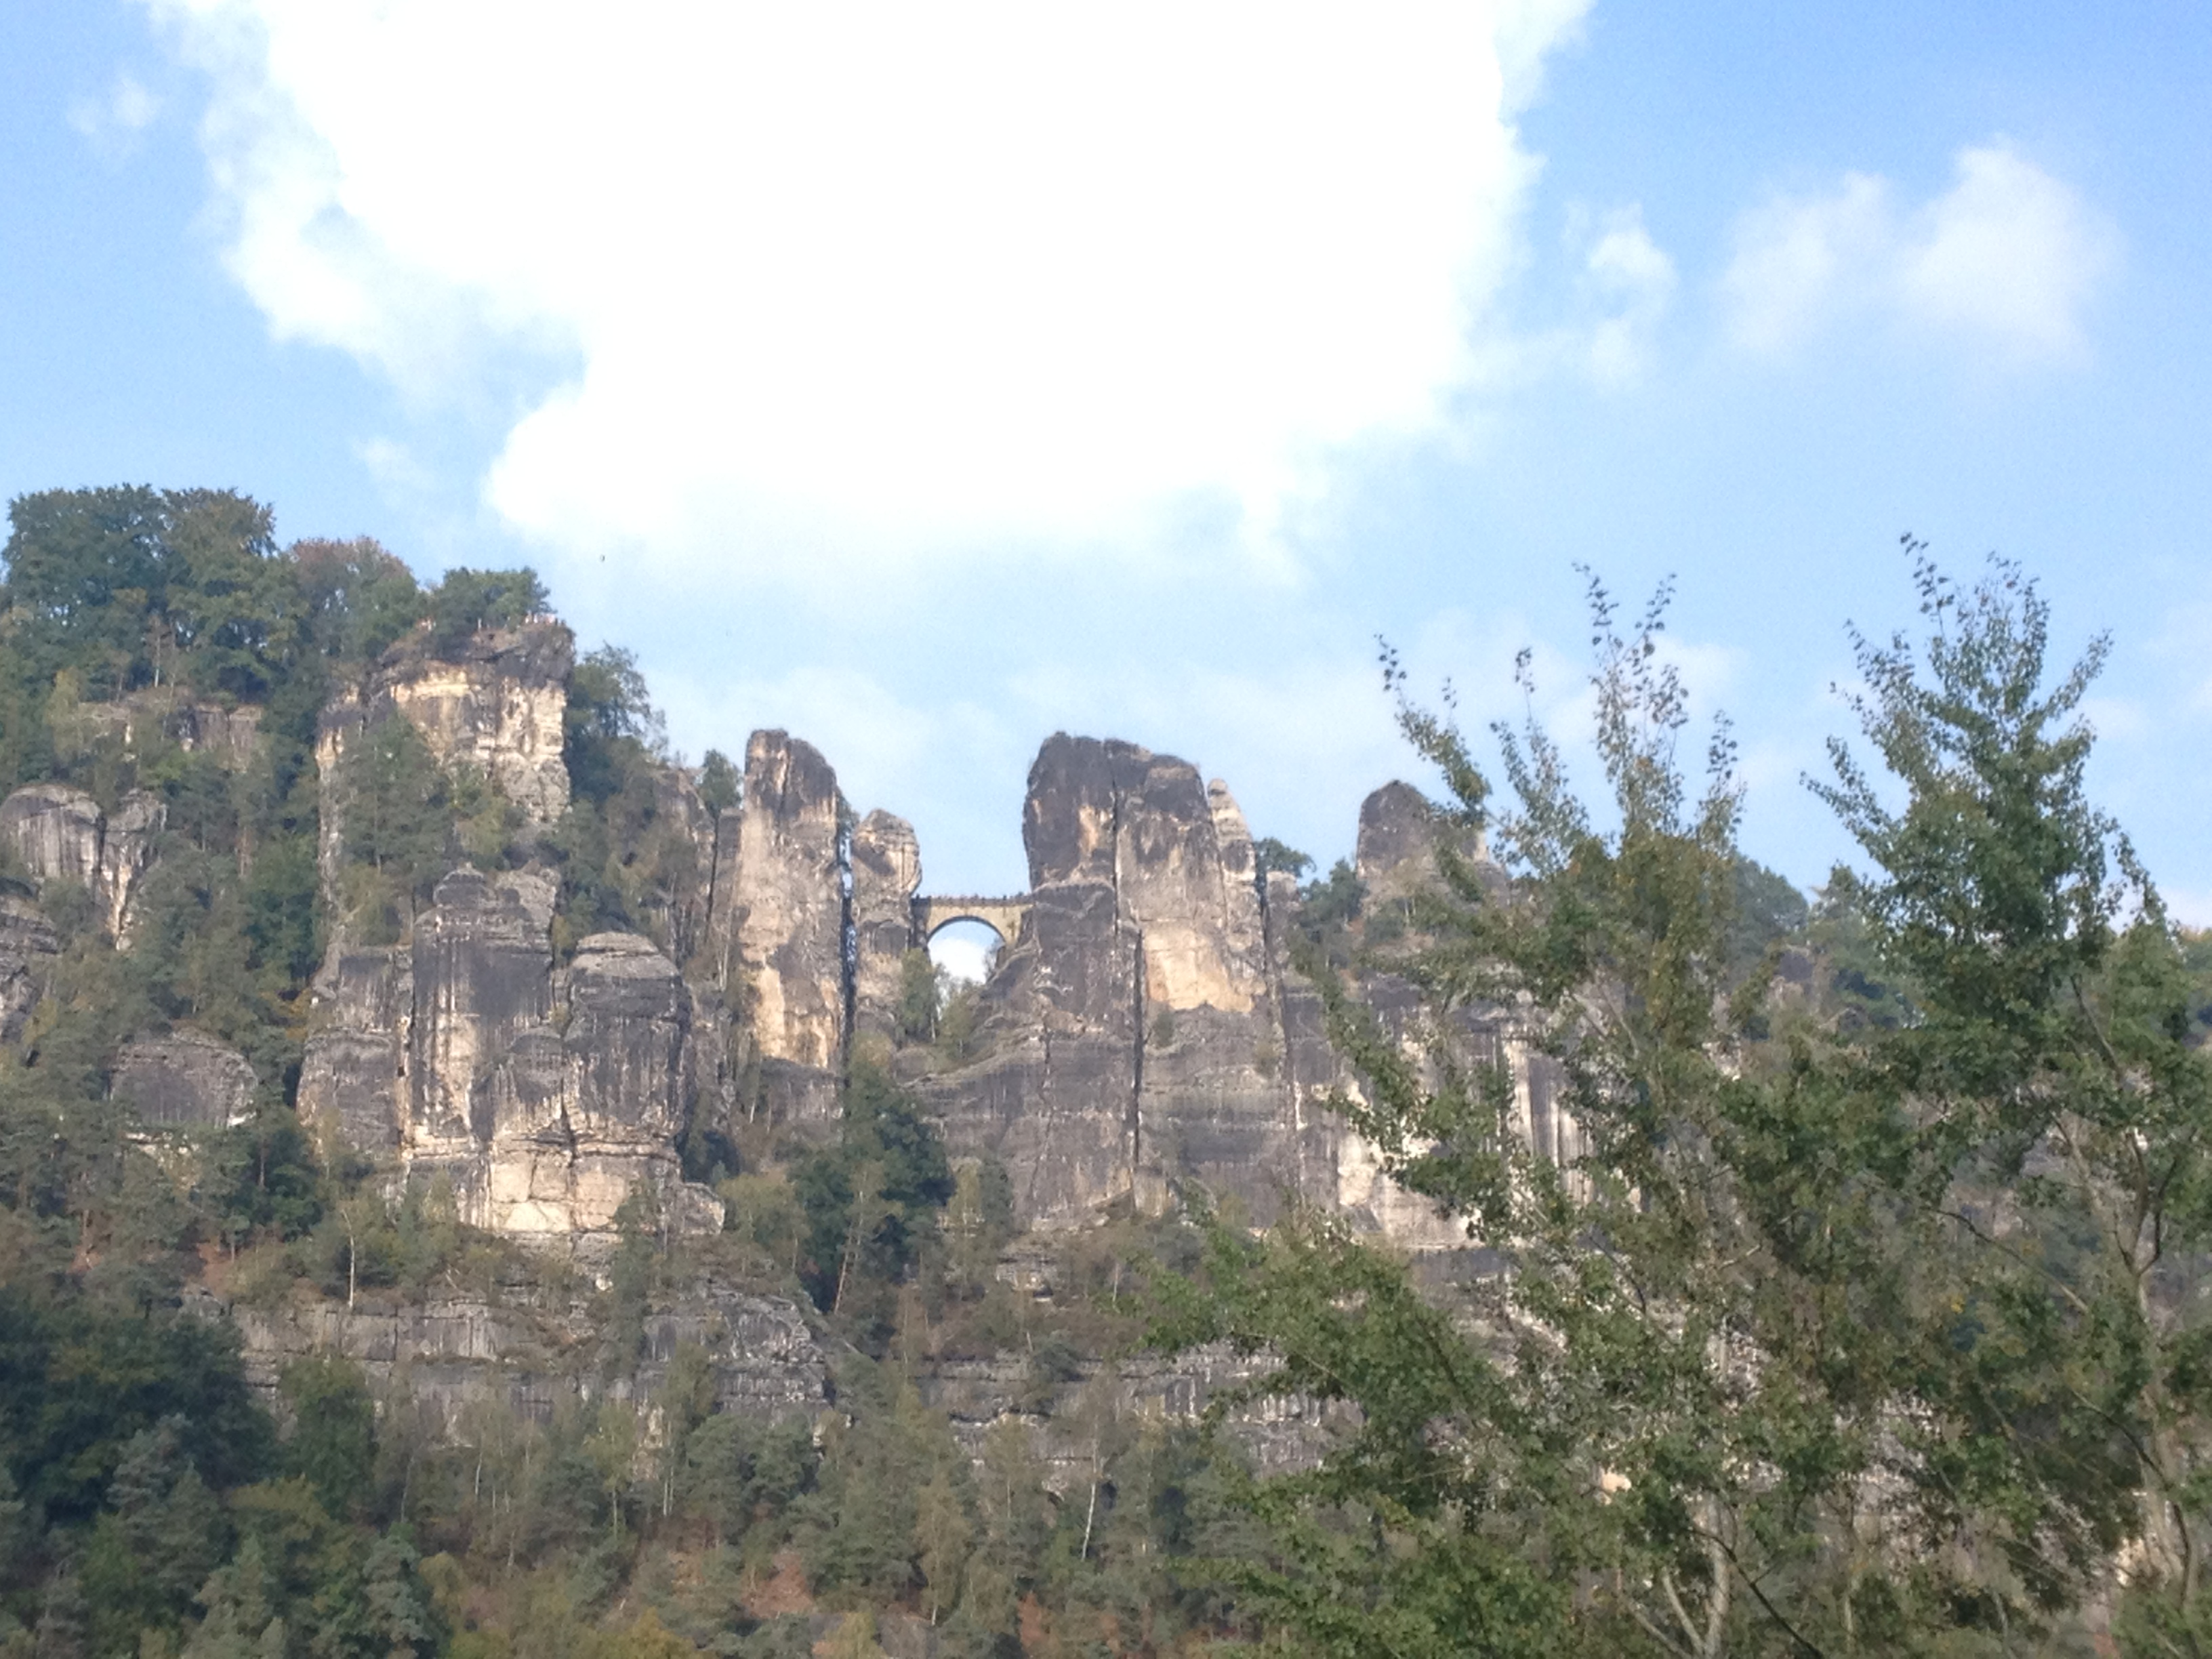 Richtung Elbsandsteingebirge